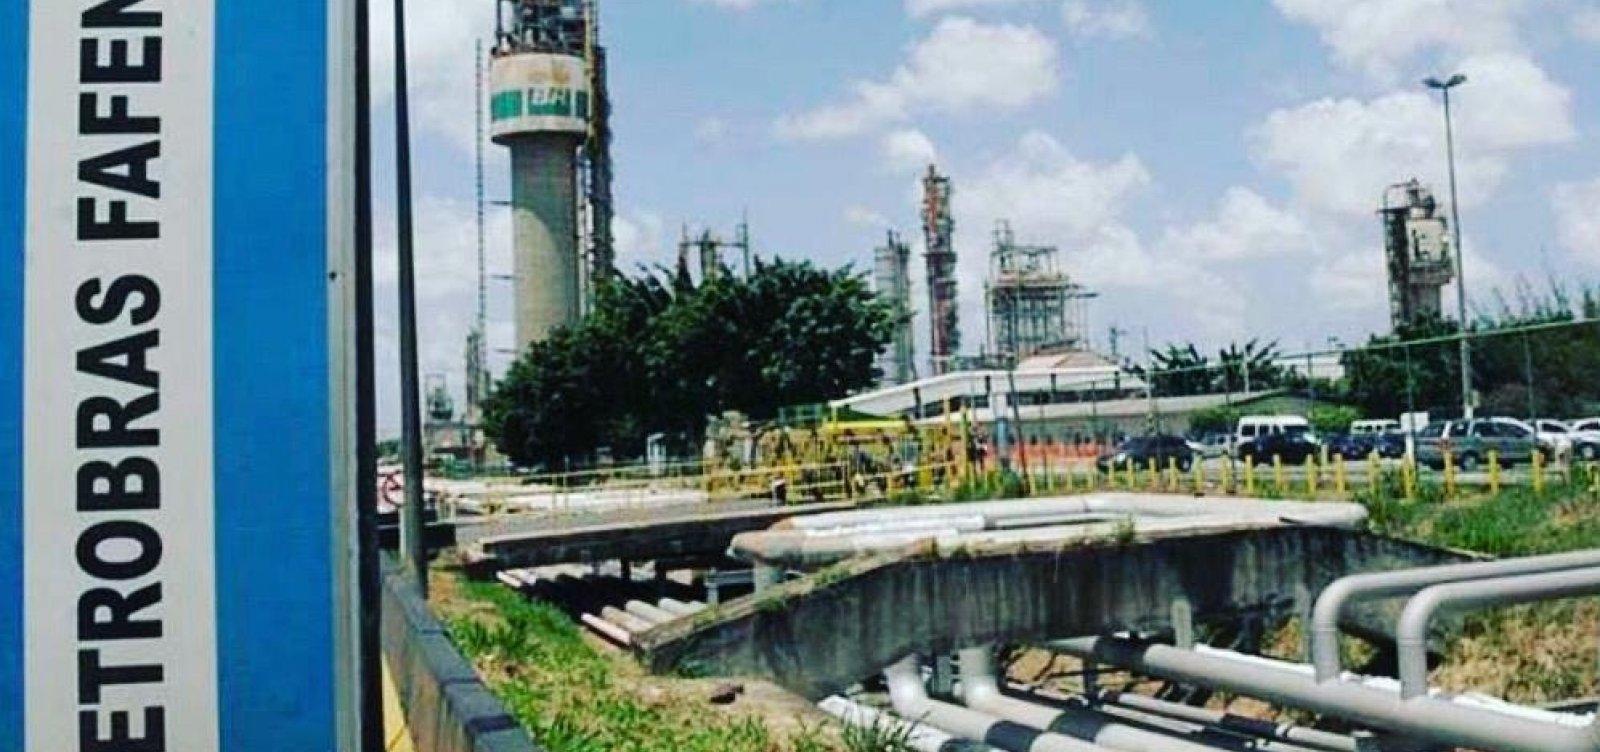 [Petrobras derruba liminar e confirma fim da Fafen]